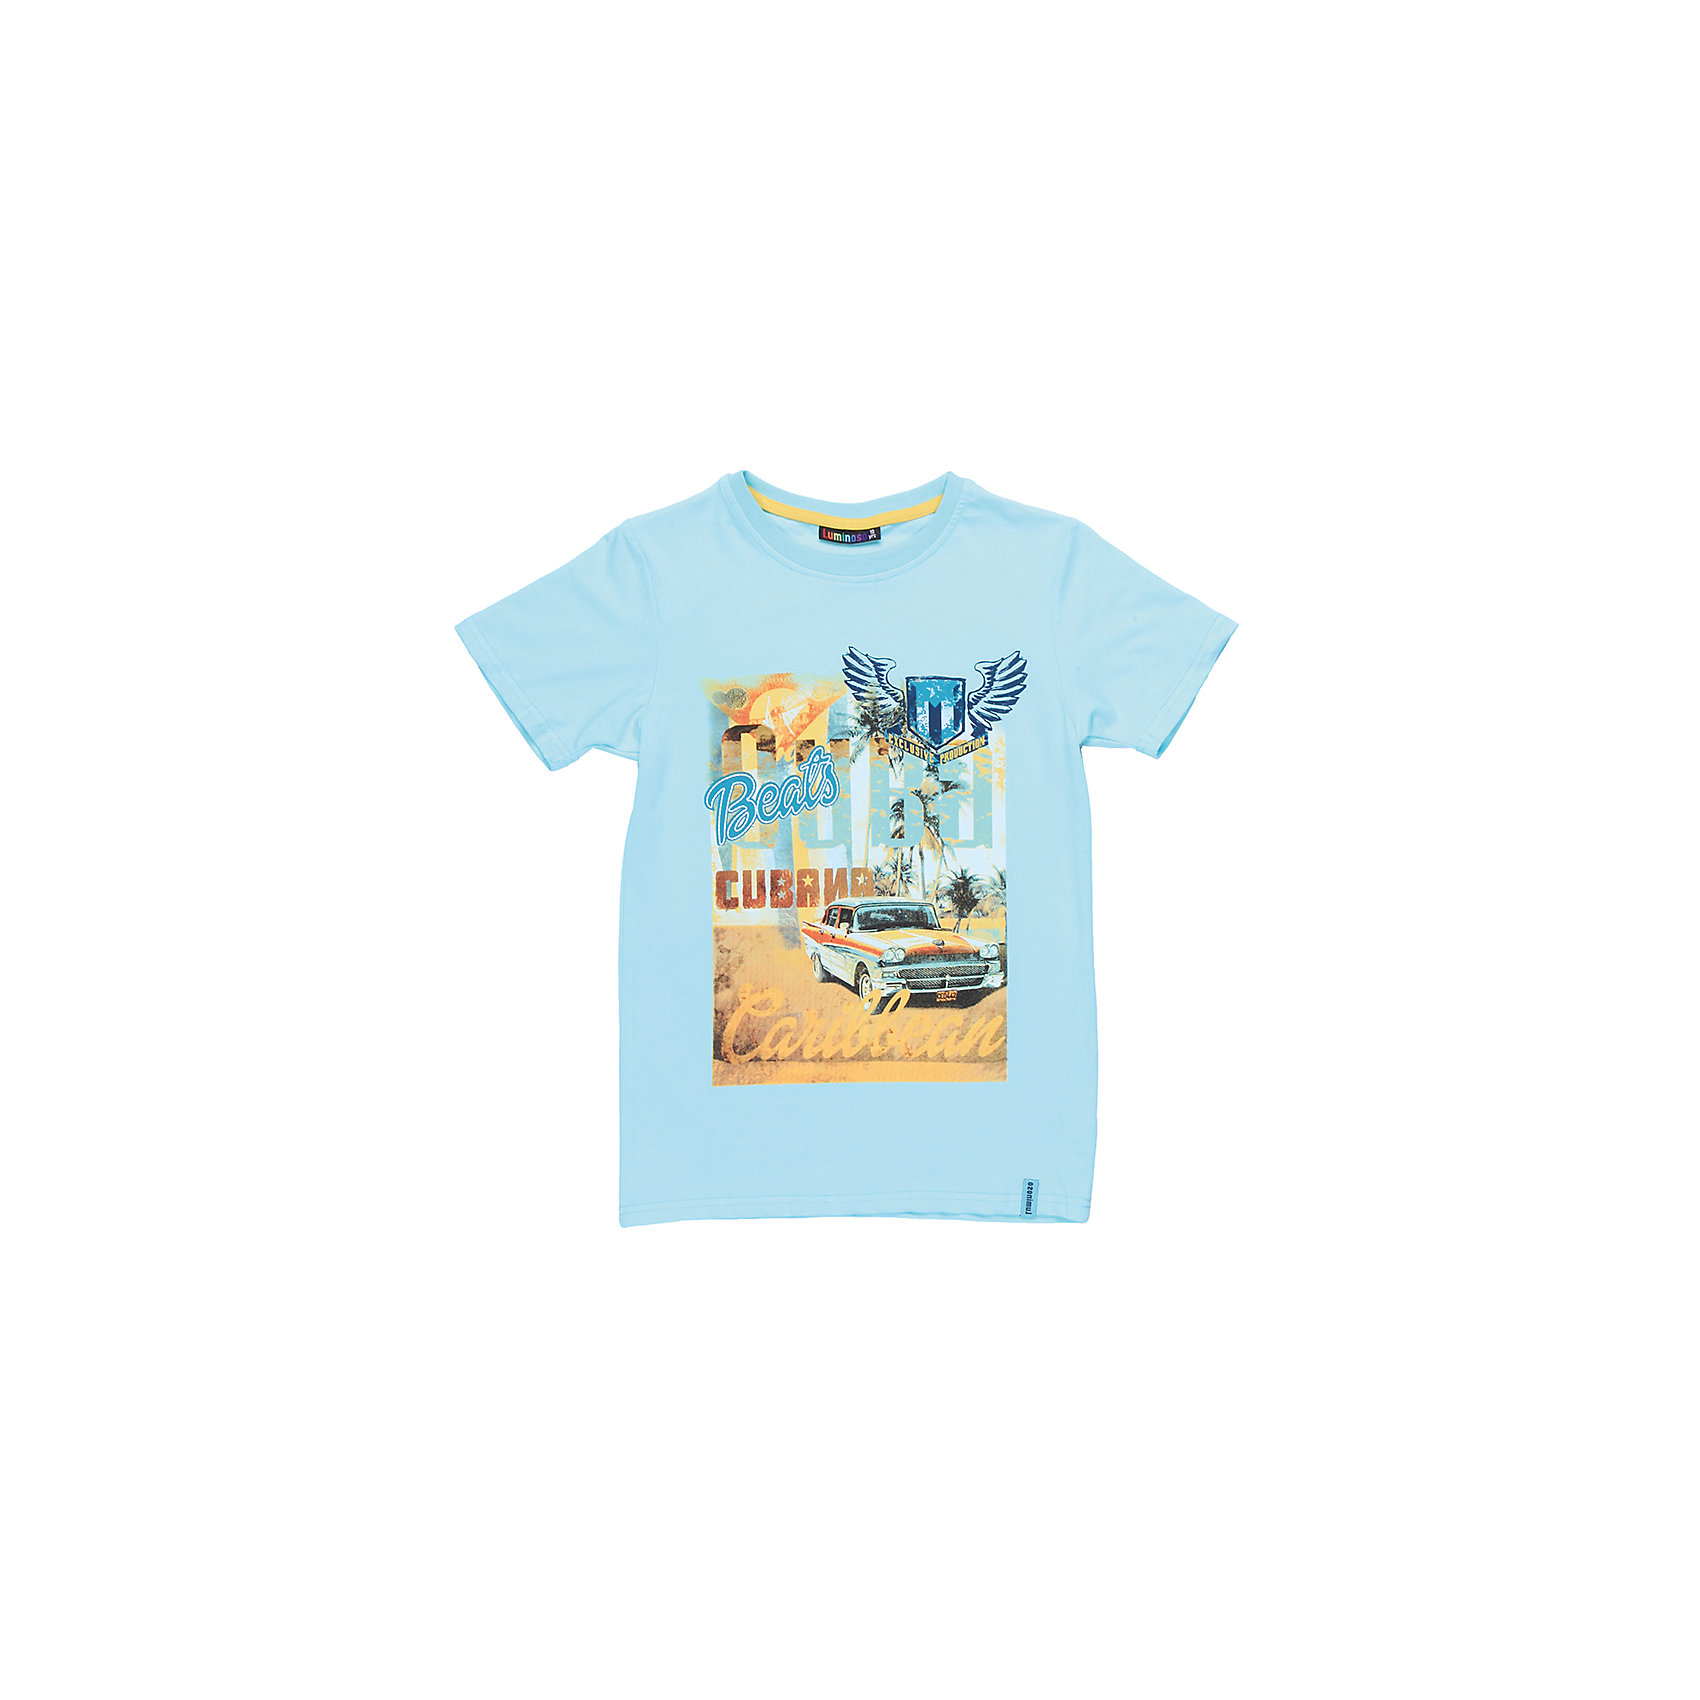 Футболка для мальчика LuminosoСтильная футболка из трикотажной ткани для мальчика с коротким рукавом. Декорирована ярким принтом<br>Состав:<br>95%хлопок 5%эластан<br><br>Ширина мм: 199<br>Глубина мм: 10<br>Высота мм: 161<br>Вес г: 151<br>Цвет: голубой<br>Возраст от месяцев: 96<br>Возраст до месяцев: 108<br>Пол: Мужской<br>Возраст: Детский<br>Размер: 134,140,146,152,158,164<br>SKU: 5409796